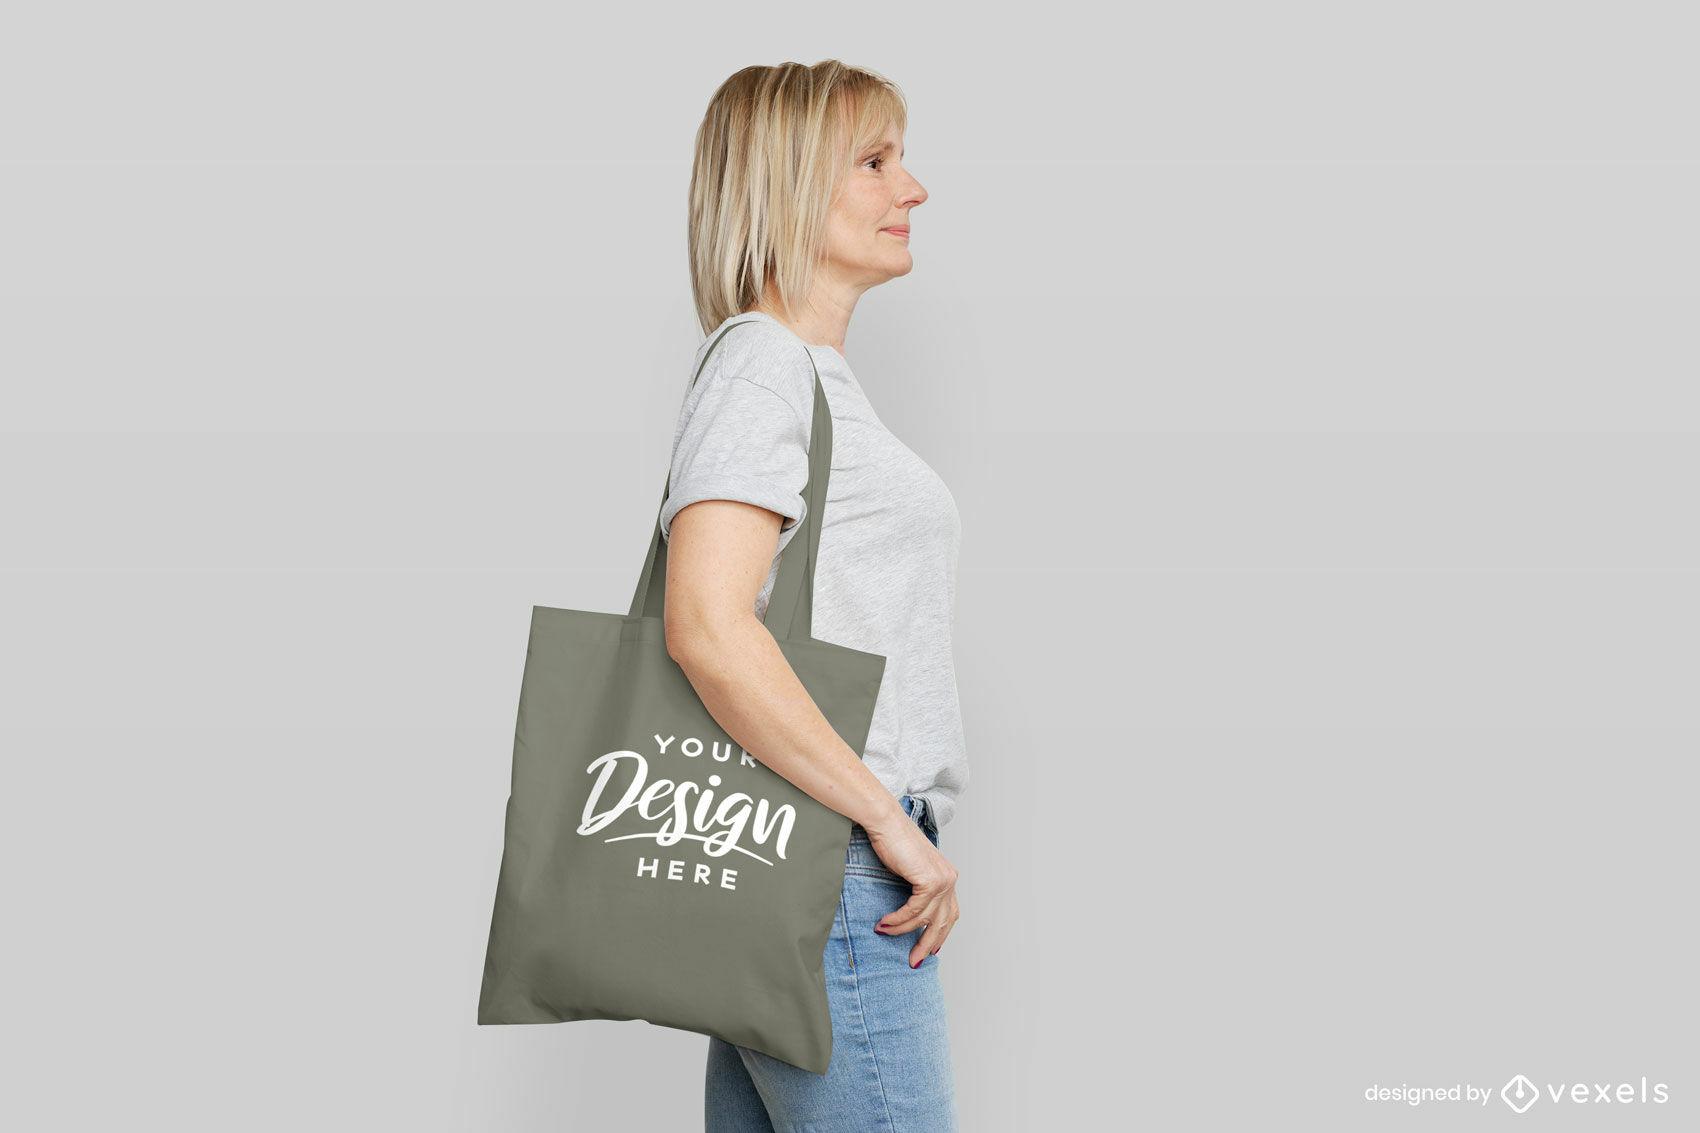 Frau mit grauem Tragetaschenmodell im flachen Hintergrund